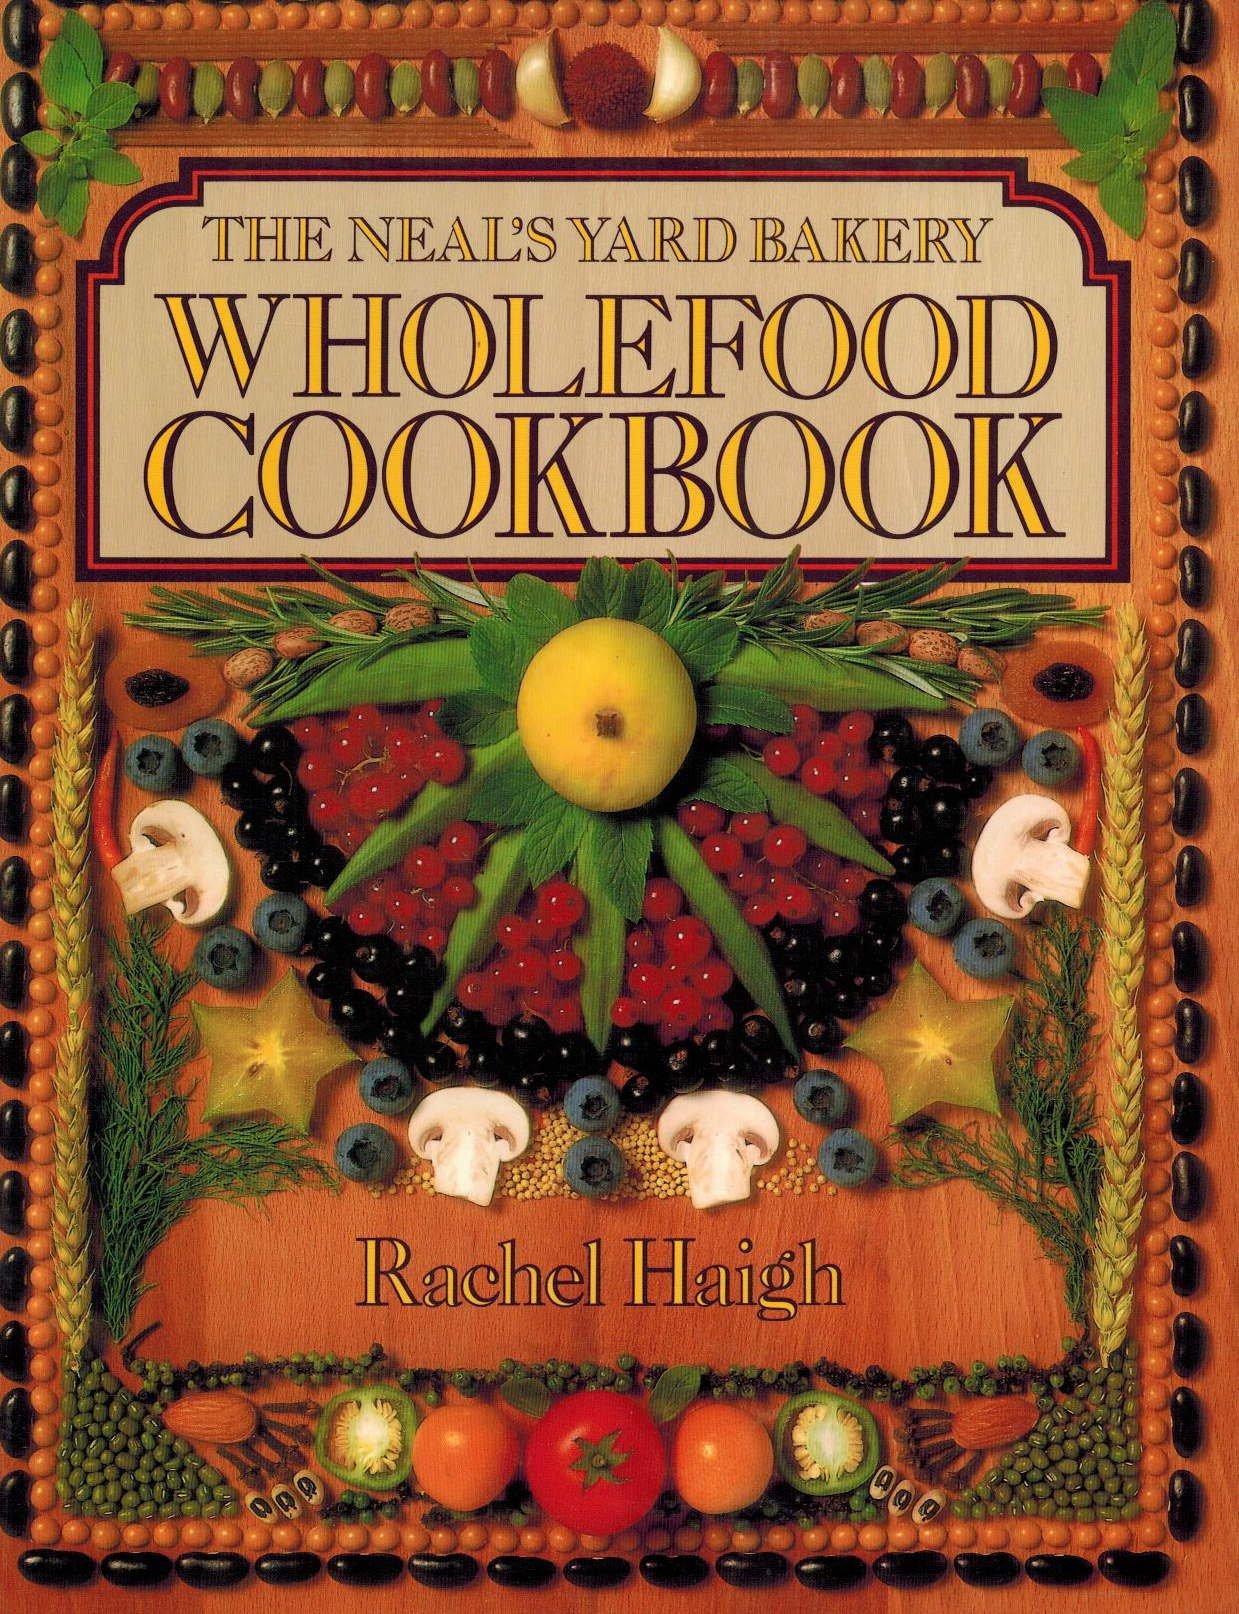 The Neal\'s Yard Bakery Wholefood Cookbook: Rachel Haigh ...